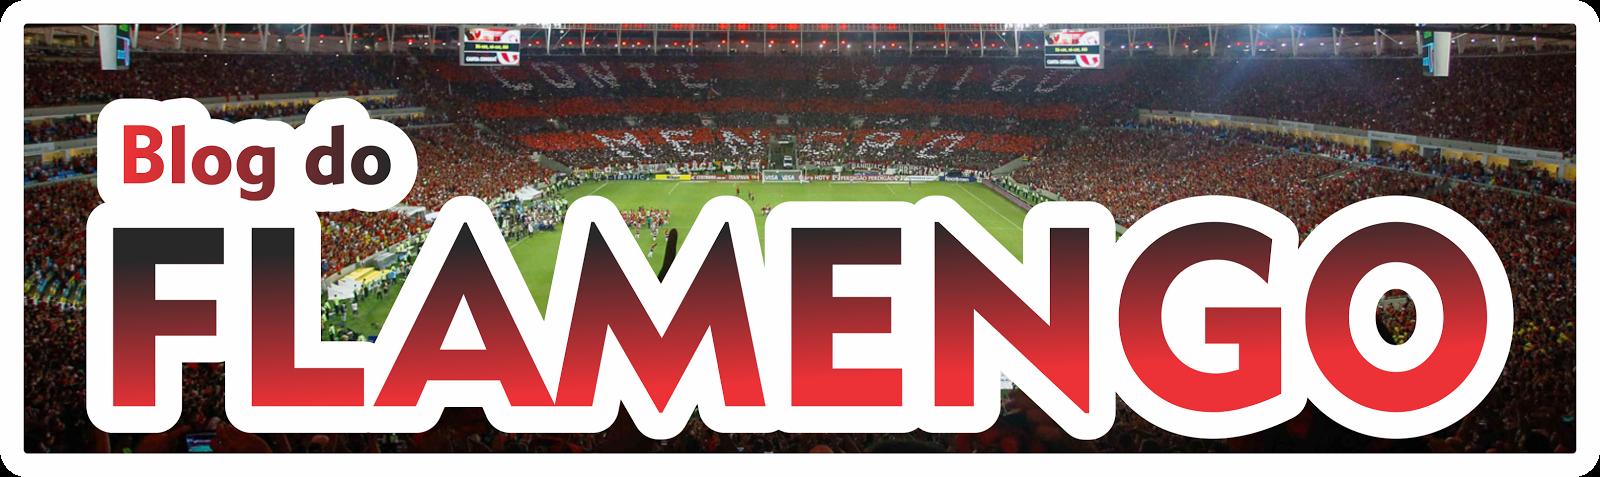 Fórum - Blog do Flamengo Oficial